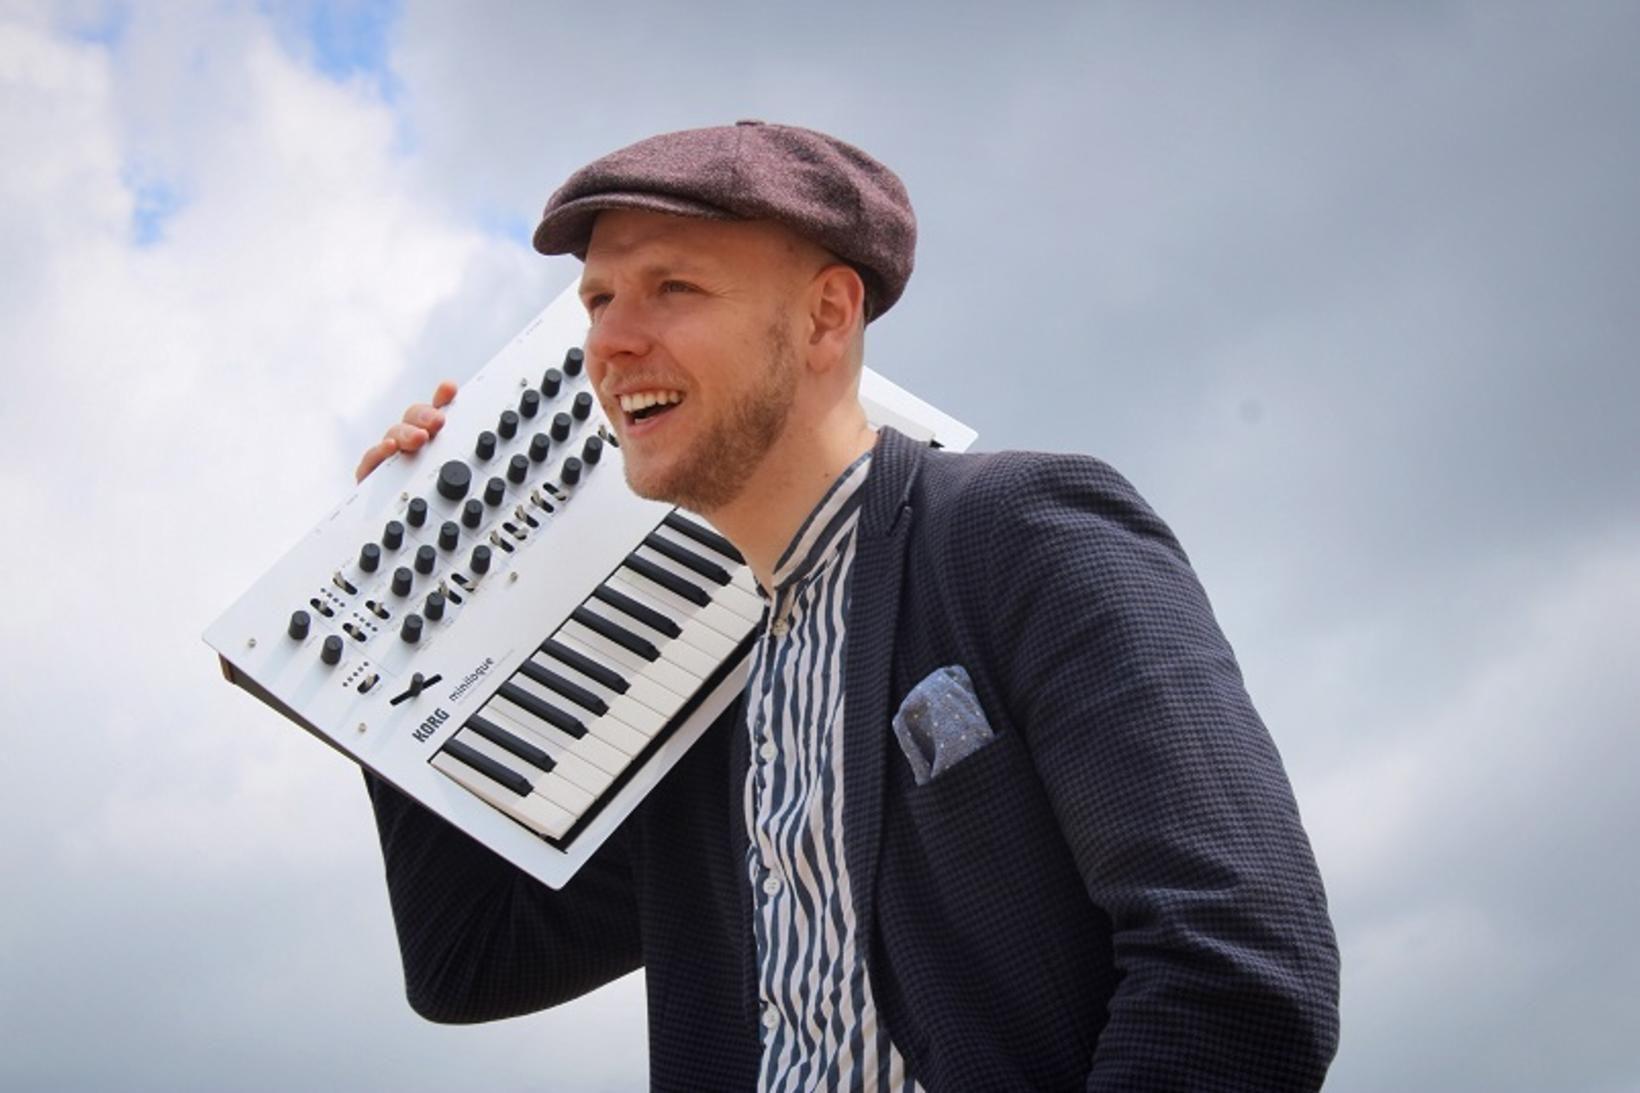 Kristján Hrannar Pálsson spilar Daft Punk á orgel Laugarneskirkju í …